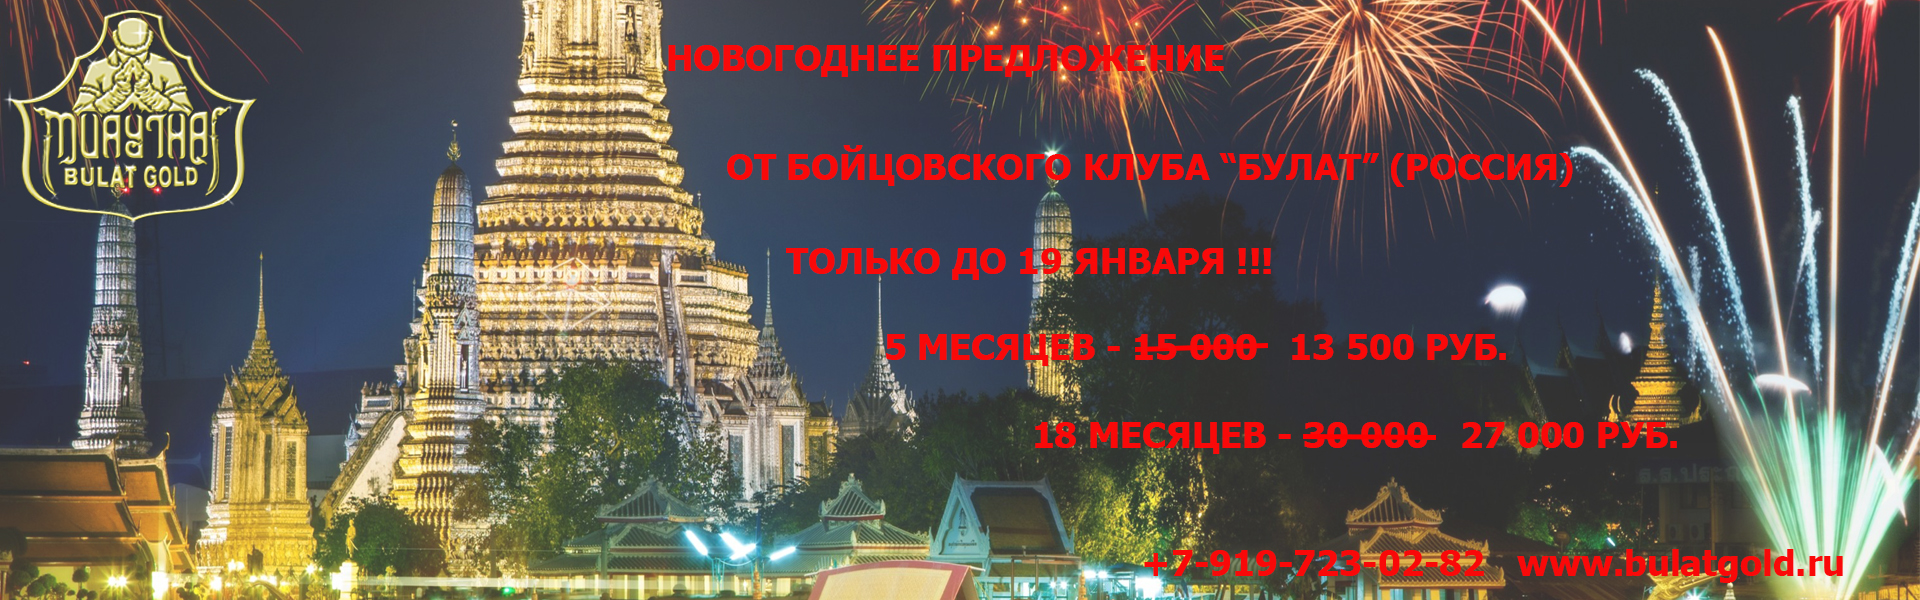 Slajd_19-yanvarya_dlya-sajta